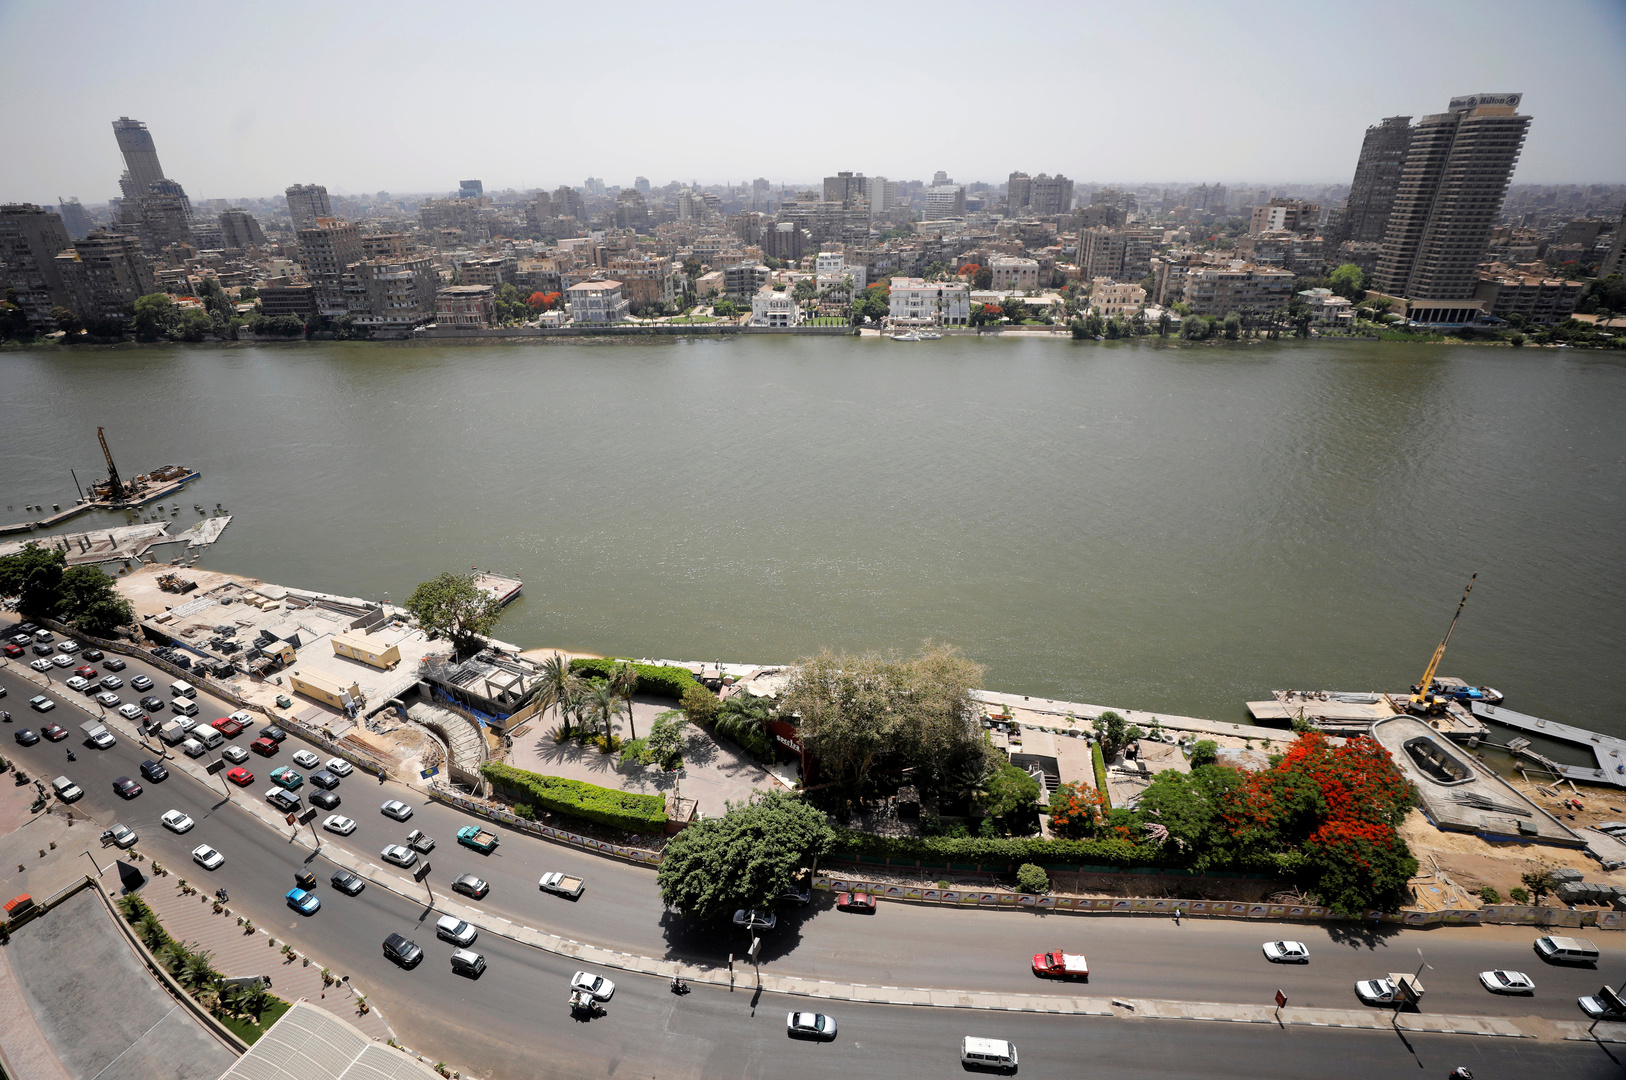 مصر.. بعد قتله سيدة بـ 4 طعنات انتحر بحبة الغلة السامة